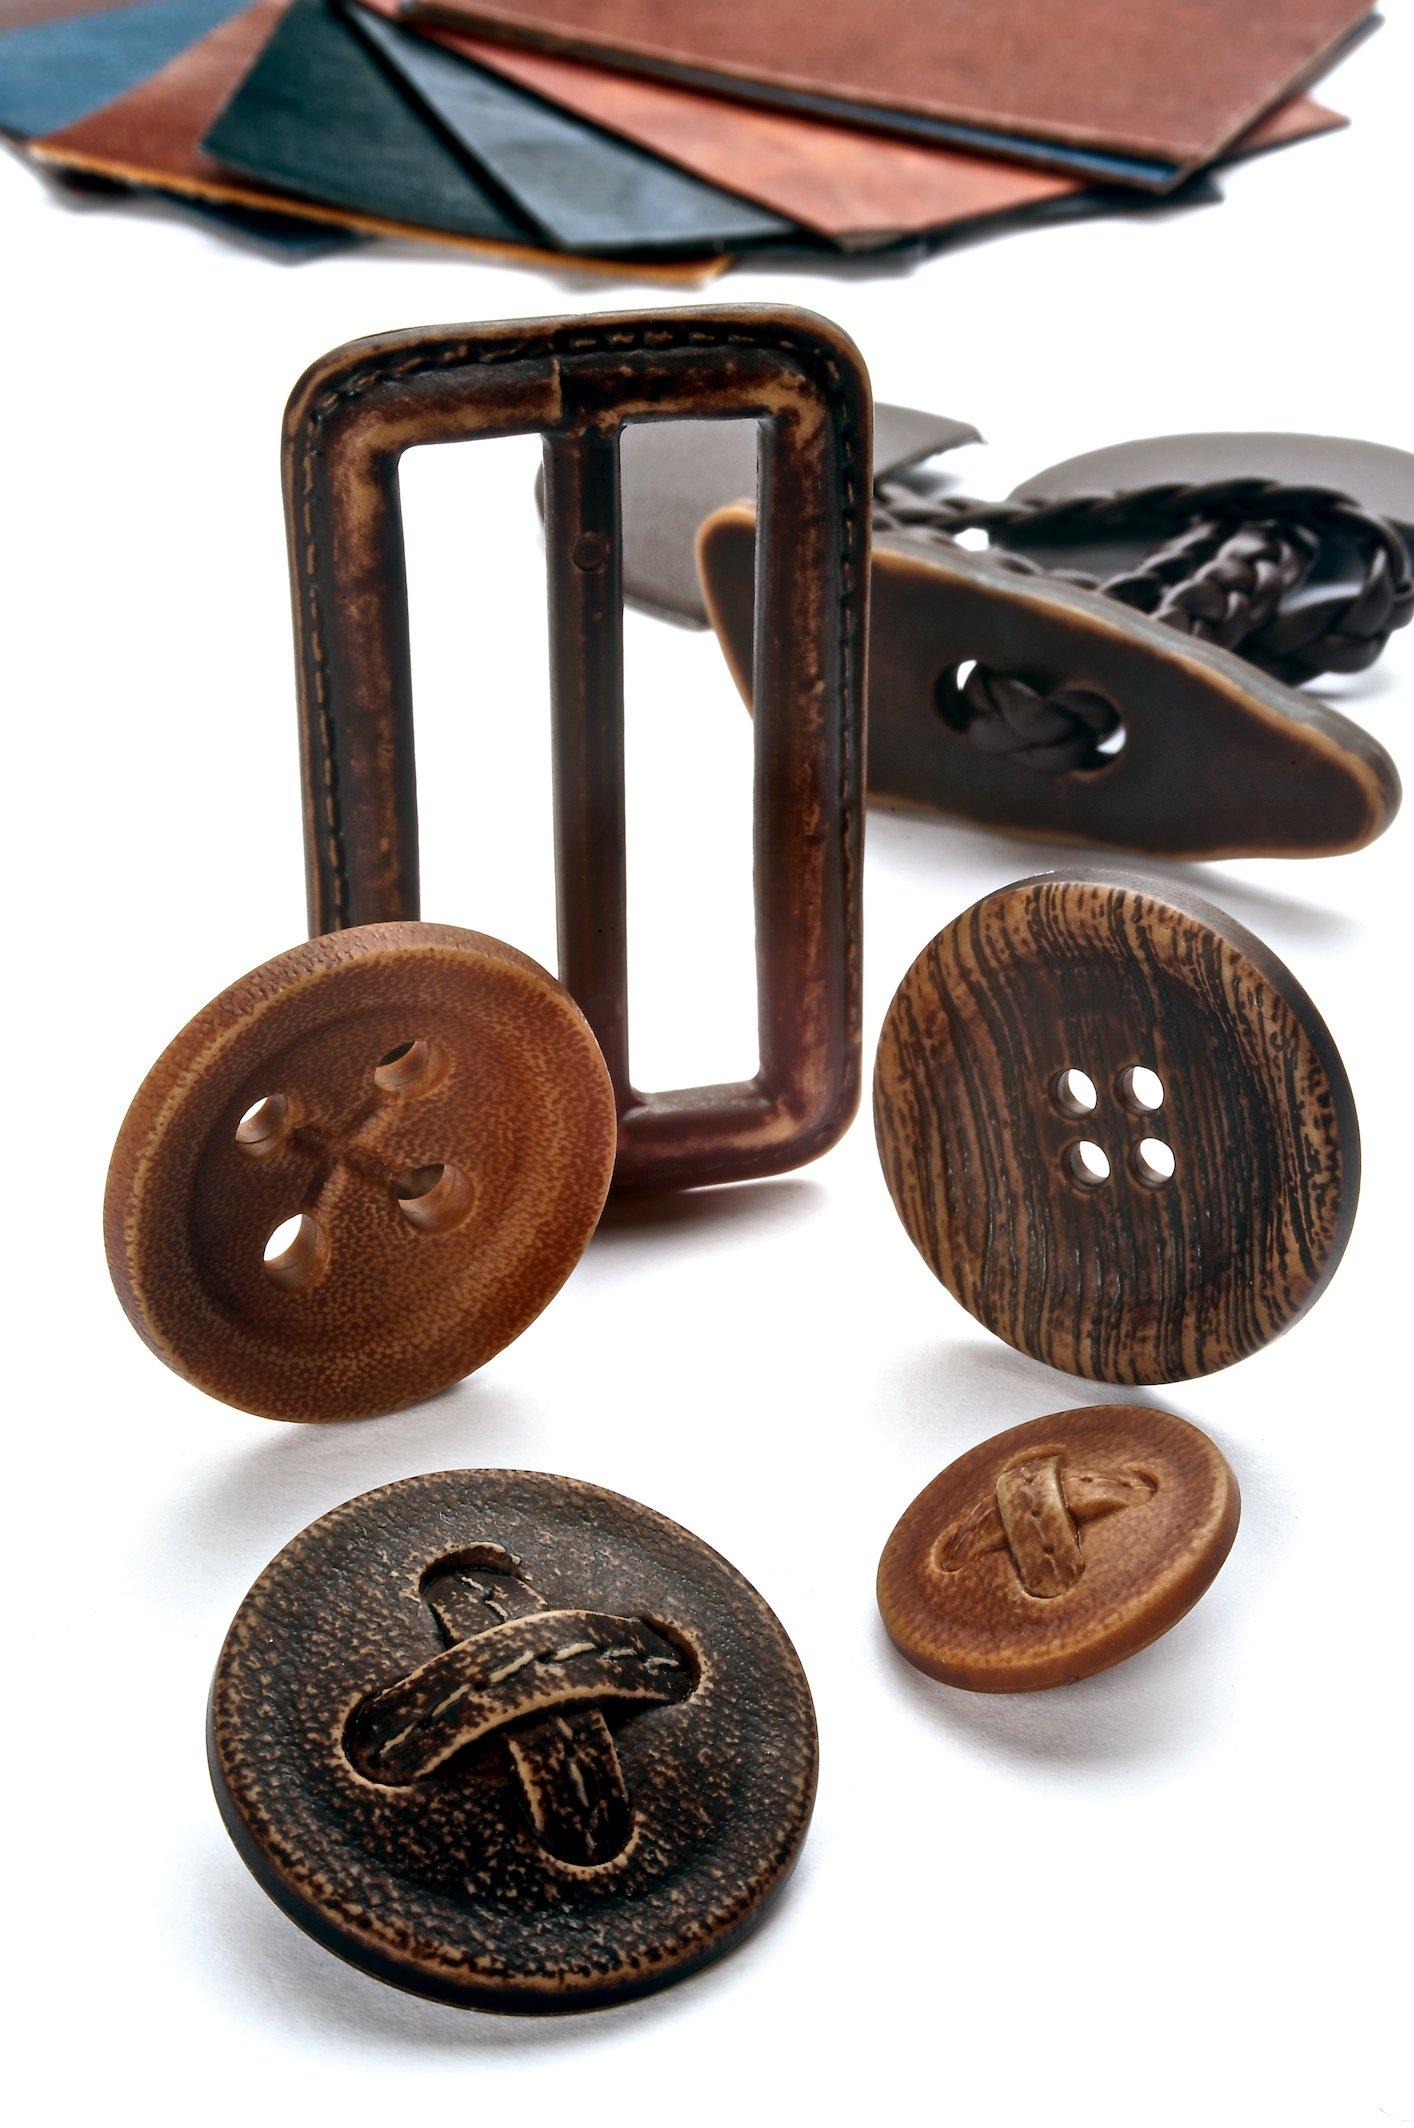 Bottoni in stile legno e una fibbia